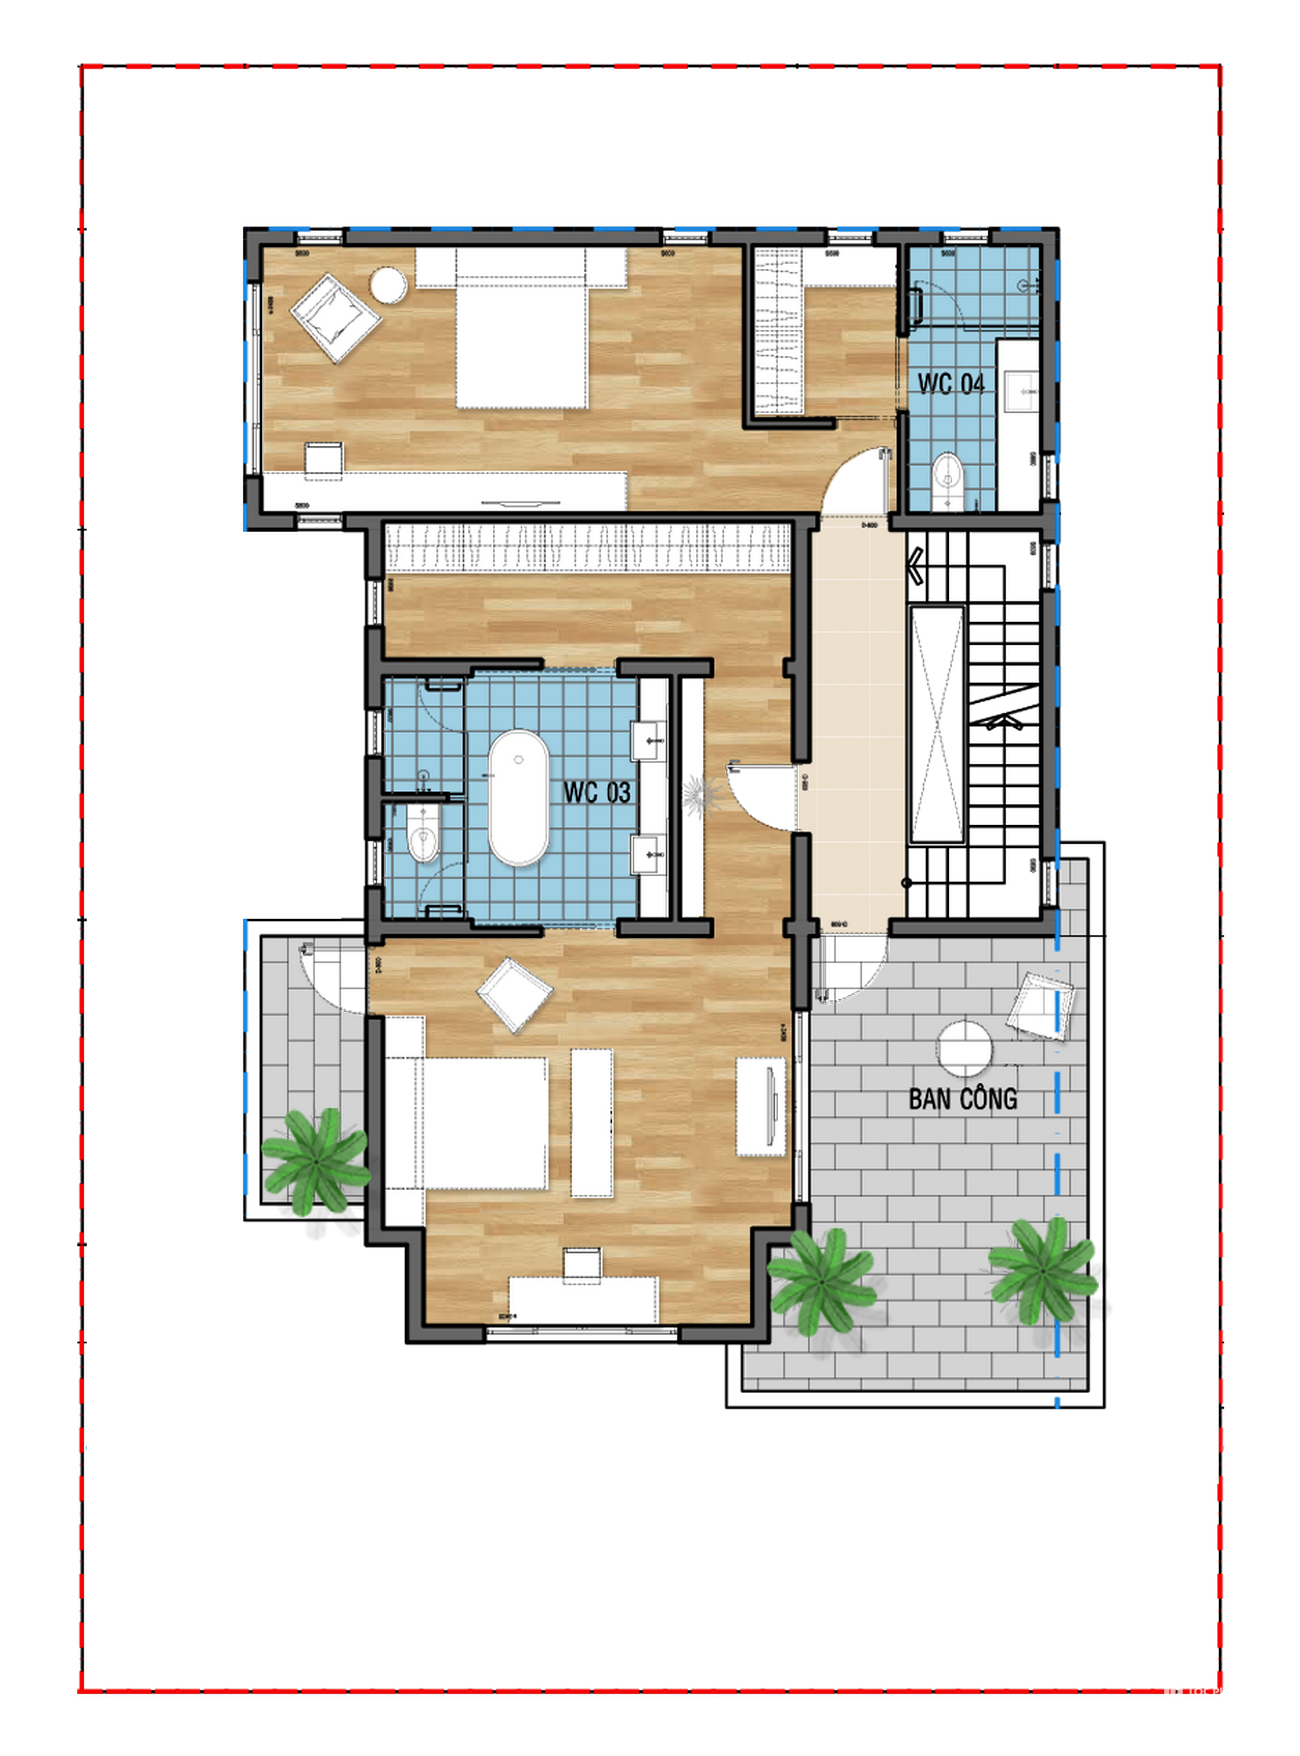 Thiết kế dự án nhà phố biệt thự Senturia Nam Sài Gòn